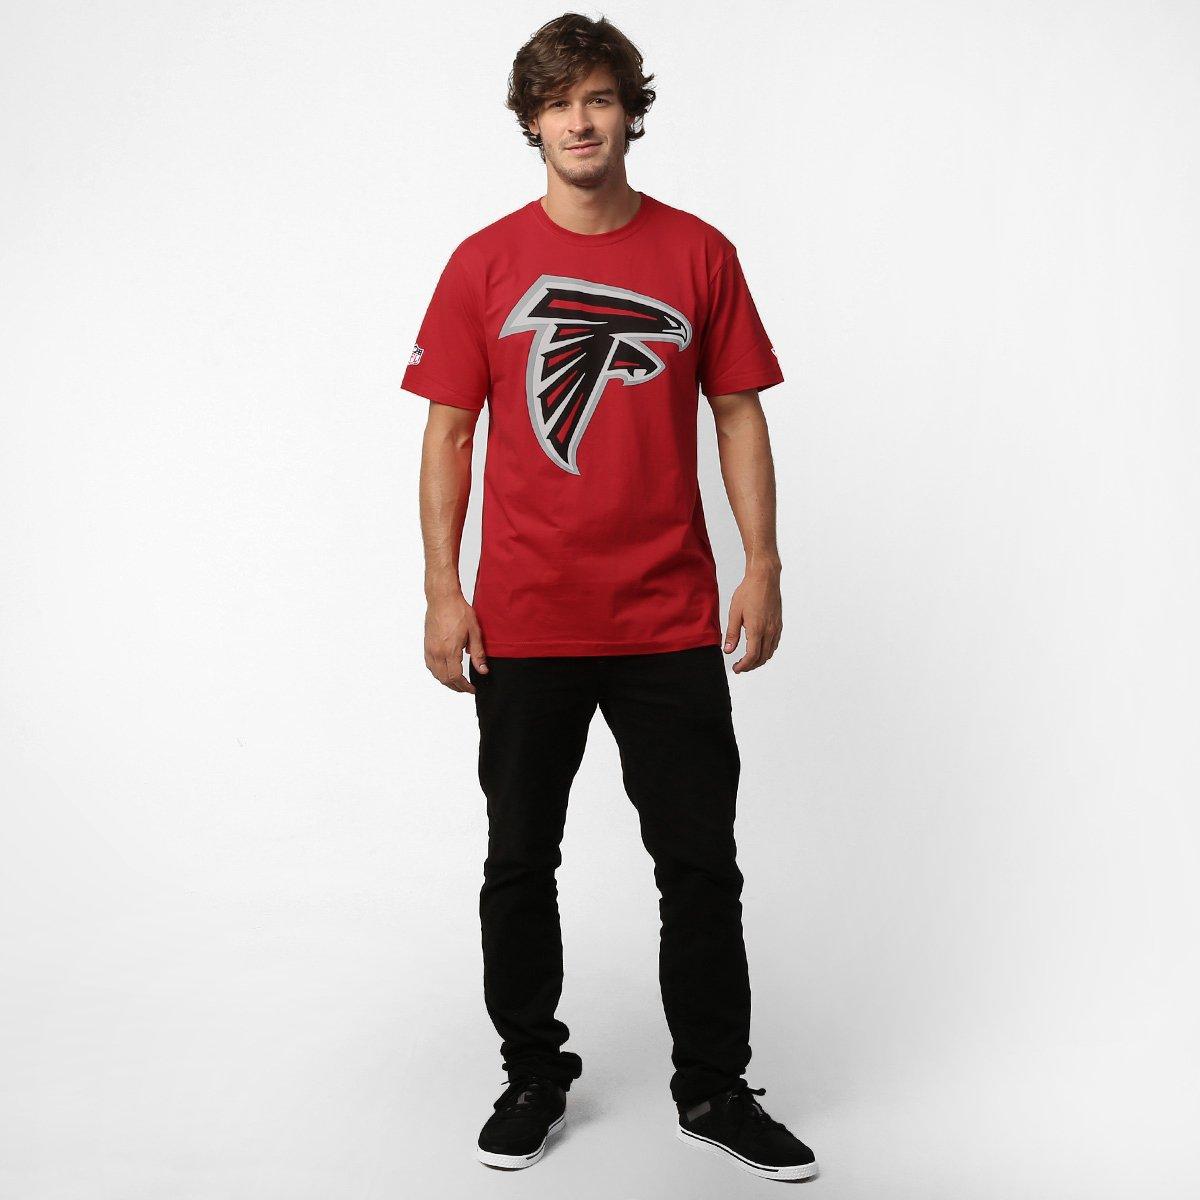 Camiseta New Era NFL Atlanta Falcons - Compre Agora  5df3e4dac0e